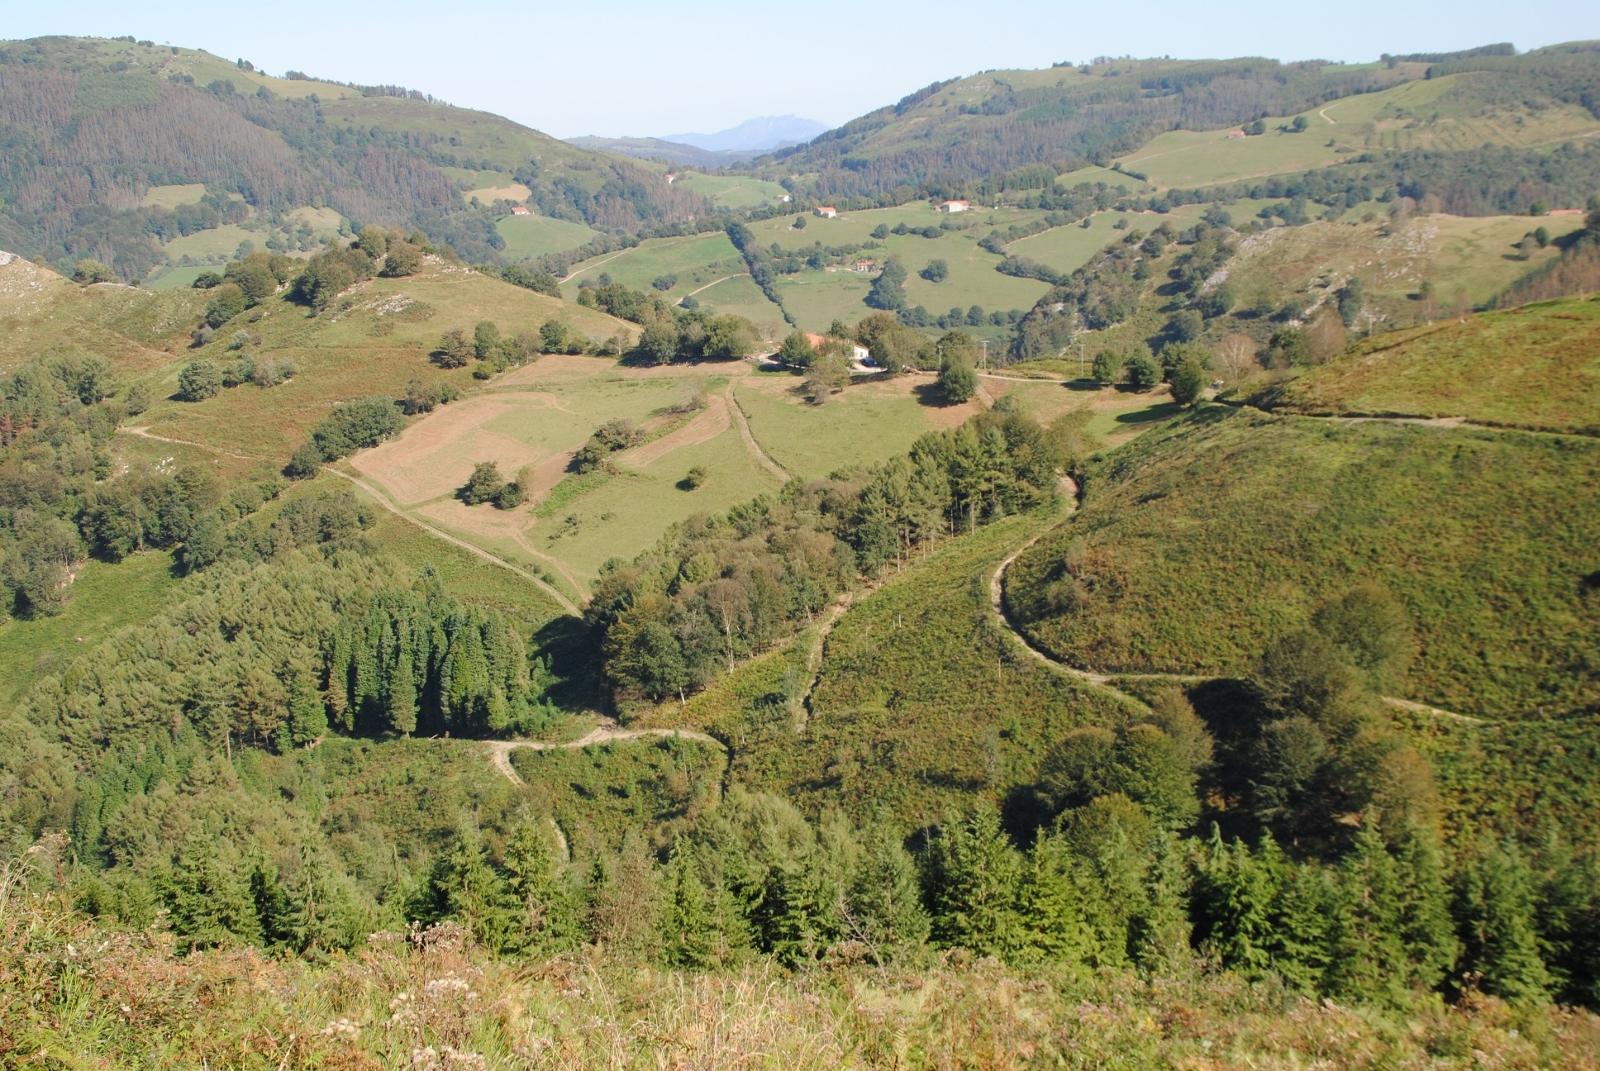 Das Hügelland hat es in sich, es gibt viel zu Entdecken, schöne Pisten und auch die Natur hat so einiges zu bieten.